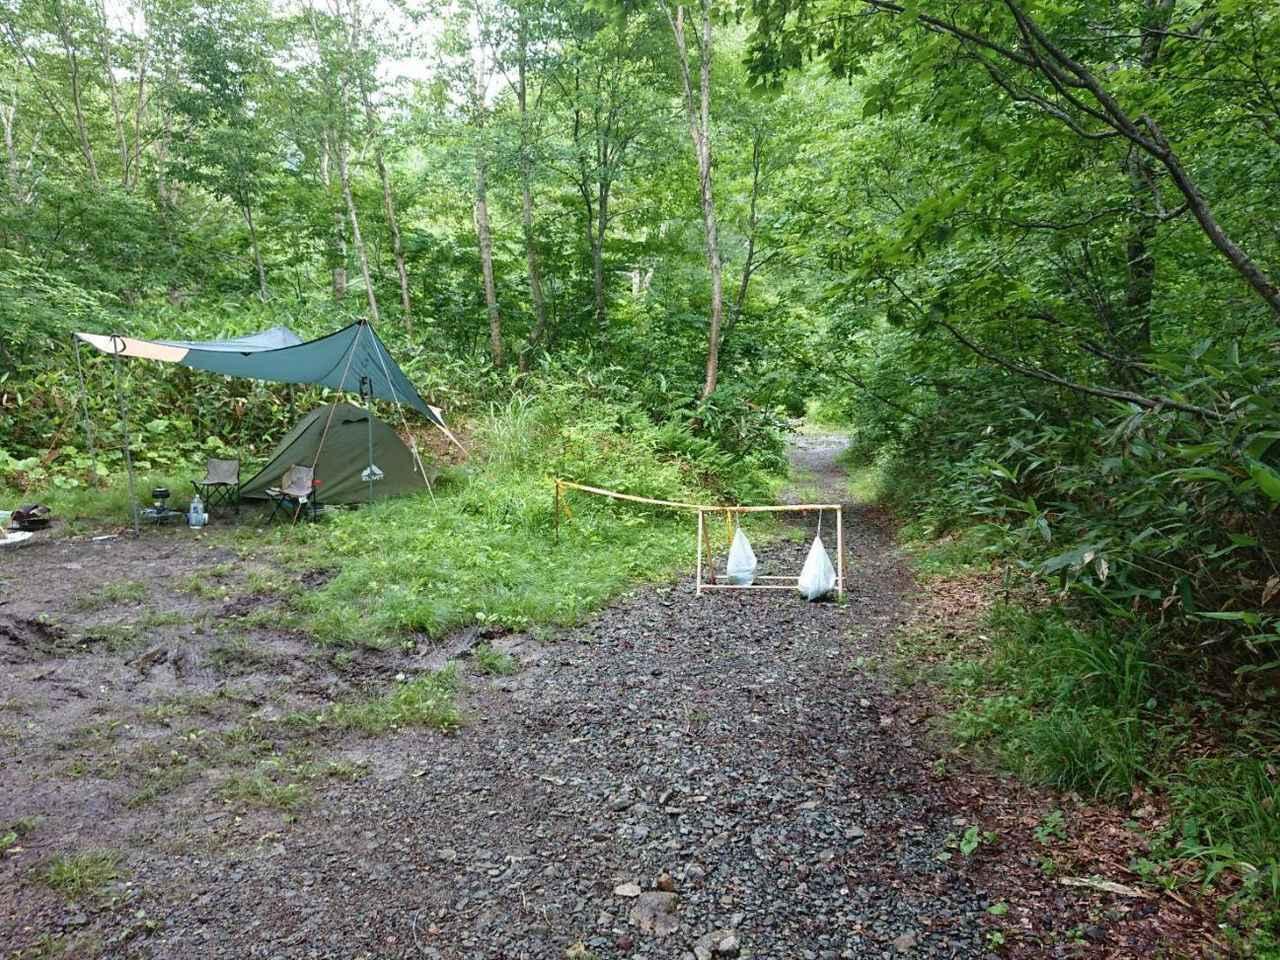 画像2: 筆者撮影 キャンプ場の様子